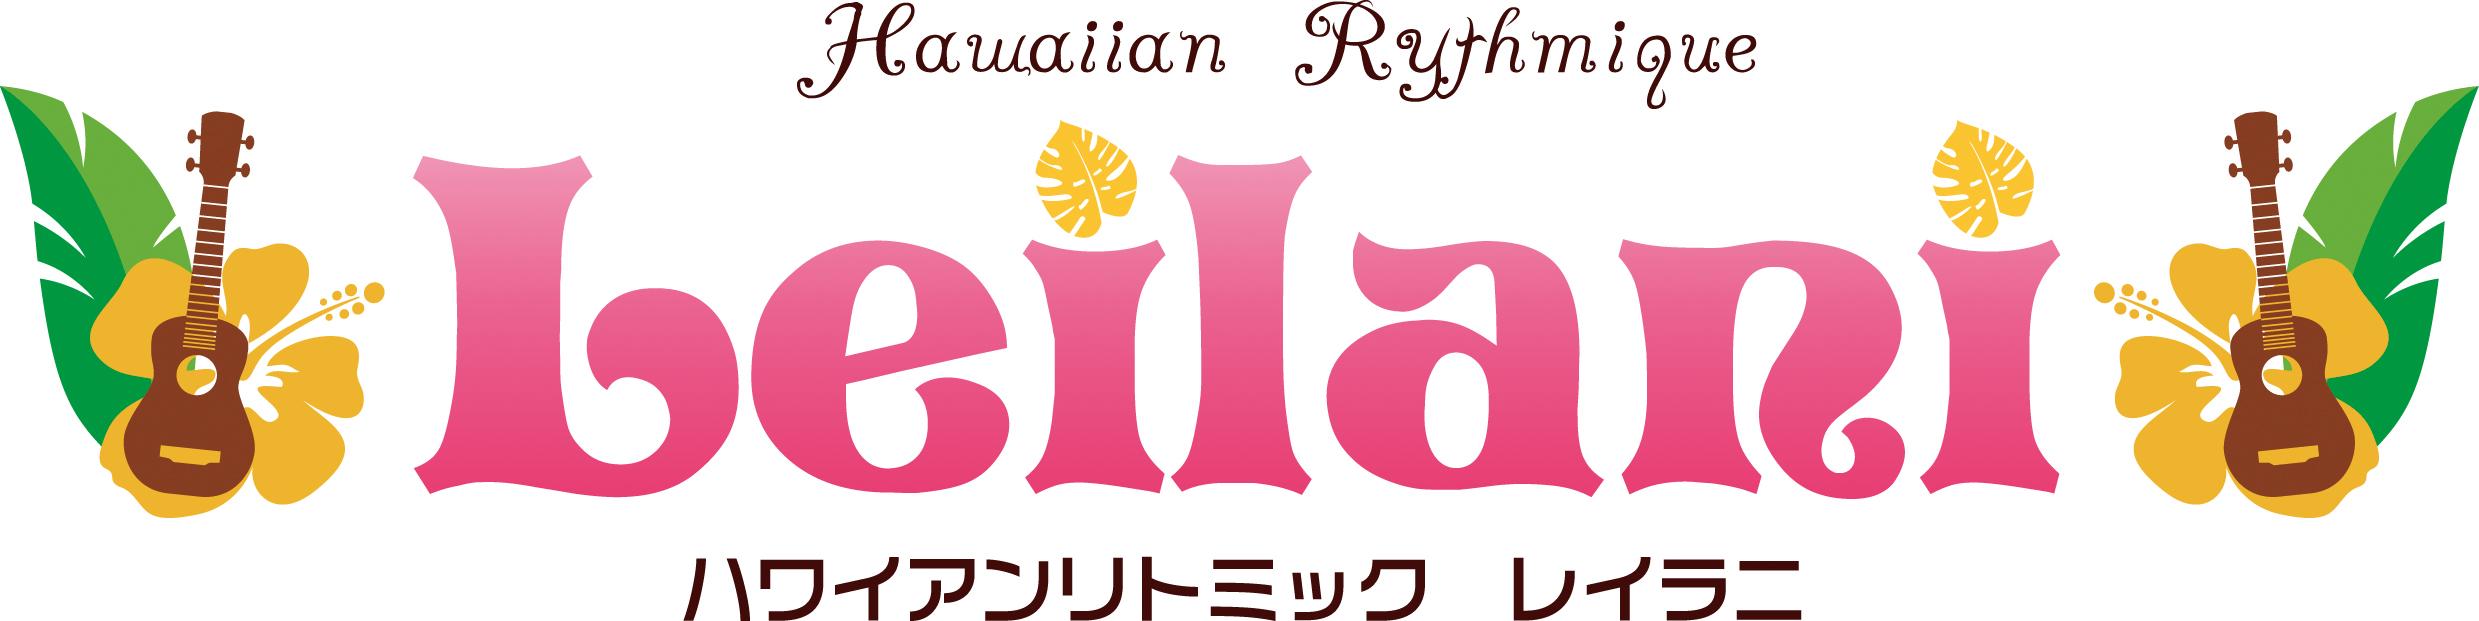 ハワイアンリトミックLeilani